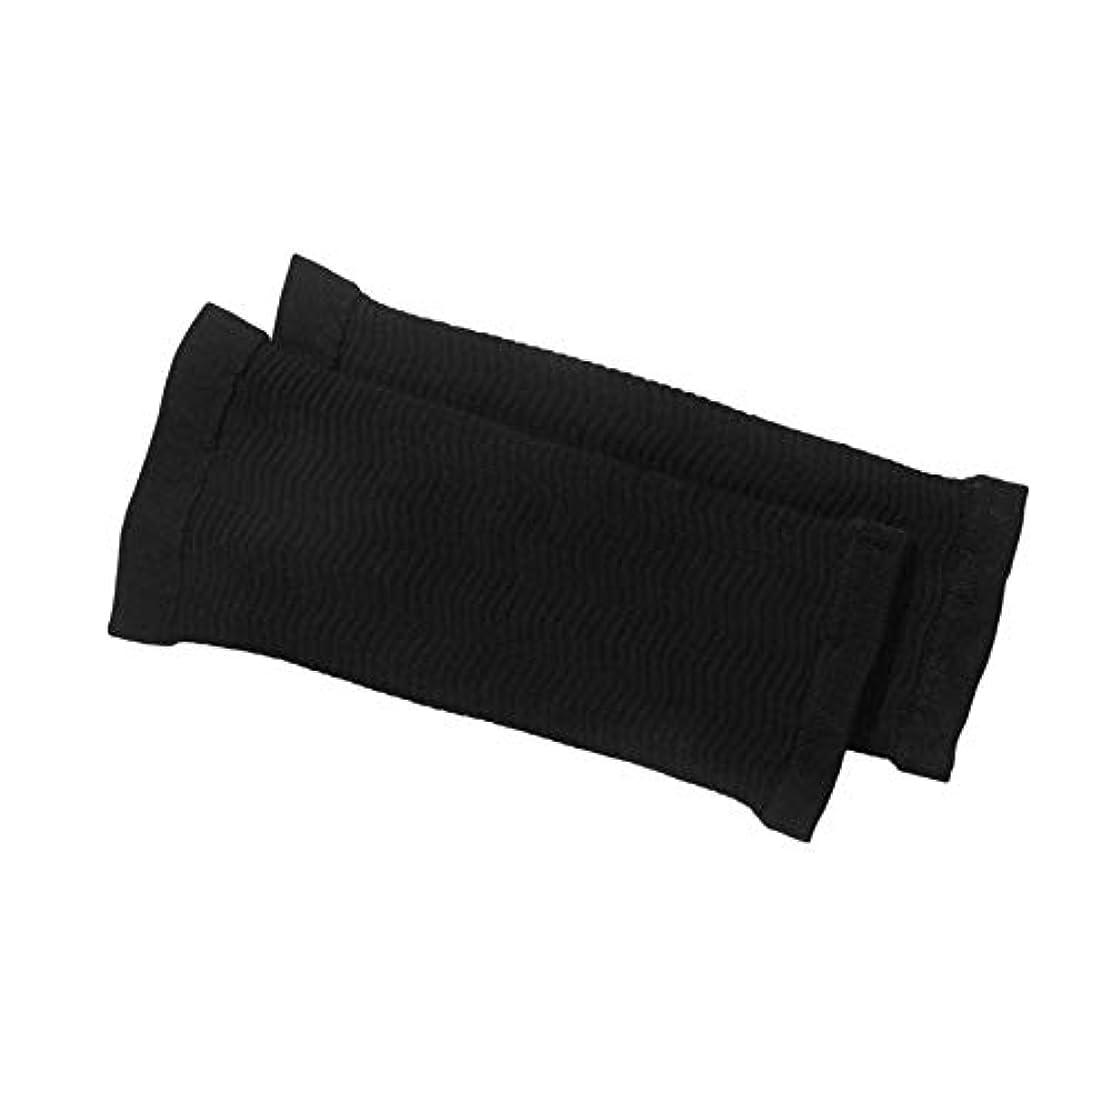 サービスきつく放棄1ペア420 D圧縮痩身アームスリーブワークアウトトーニングバーンセルライトシェイパー脂肪燃焼袖用女性 - 黒